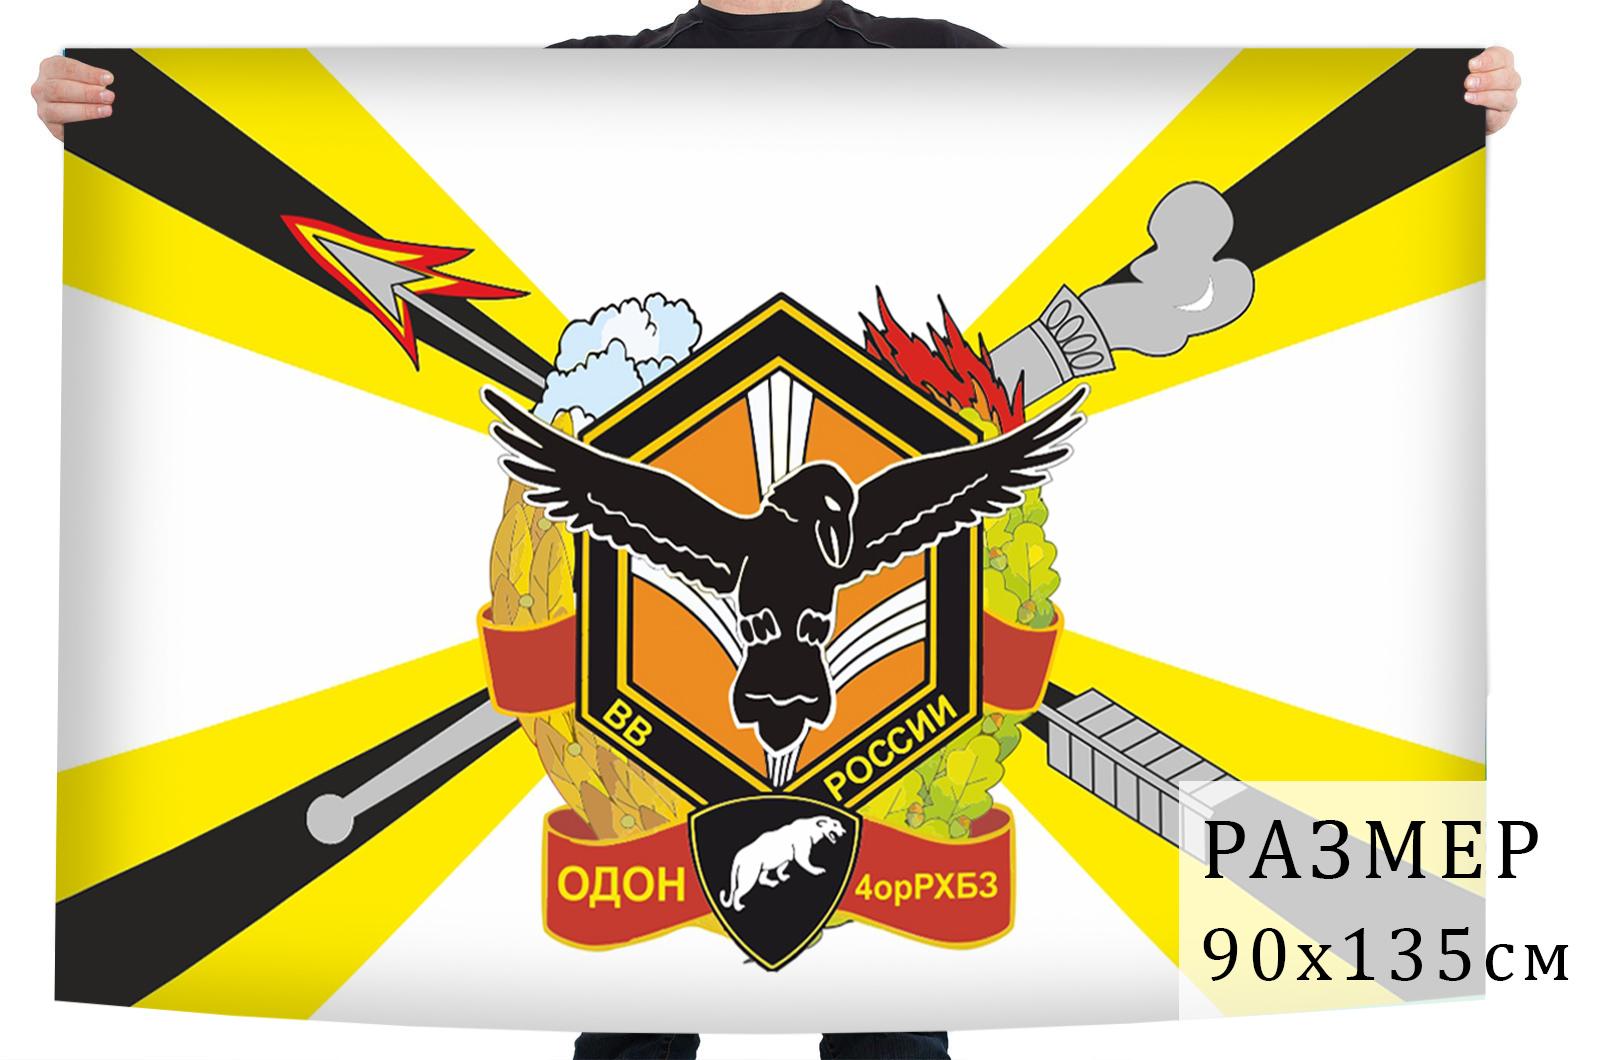 Флаг ОДОН 4 отдельной роты радиационной, химической и биологической защиты